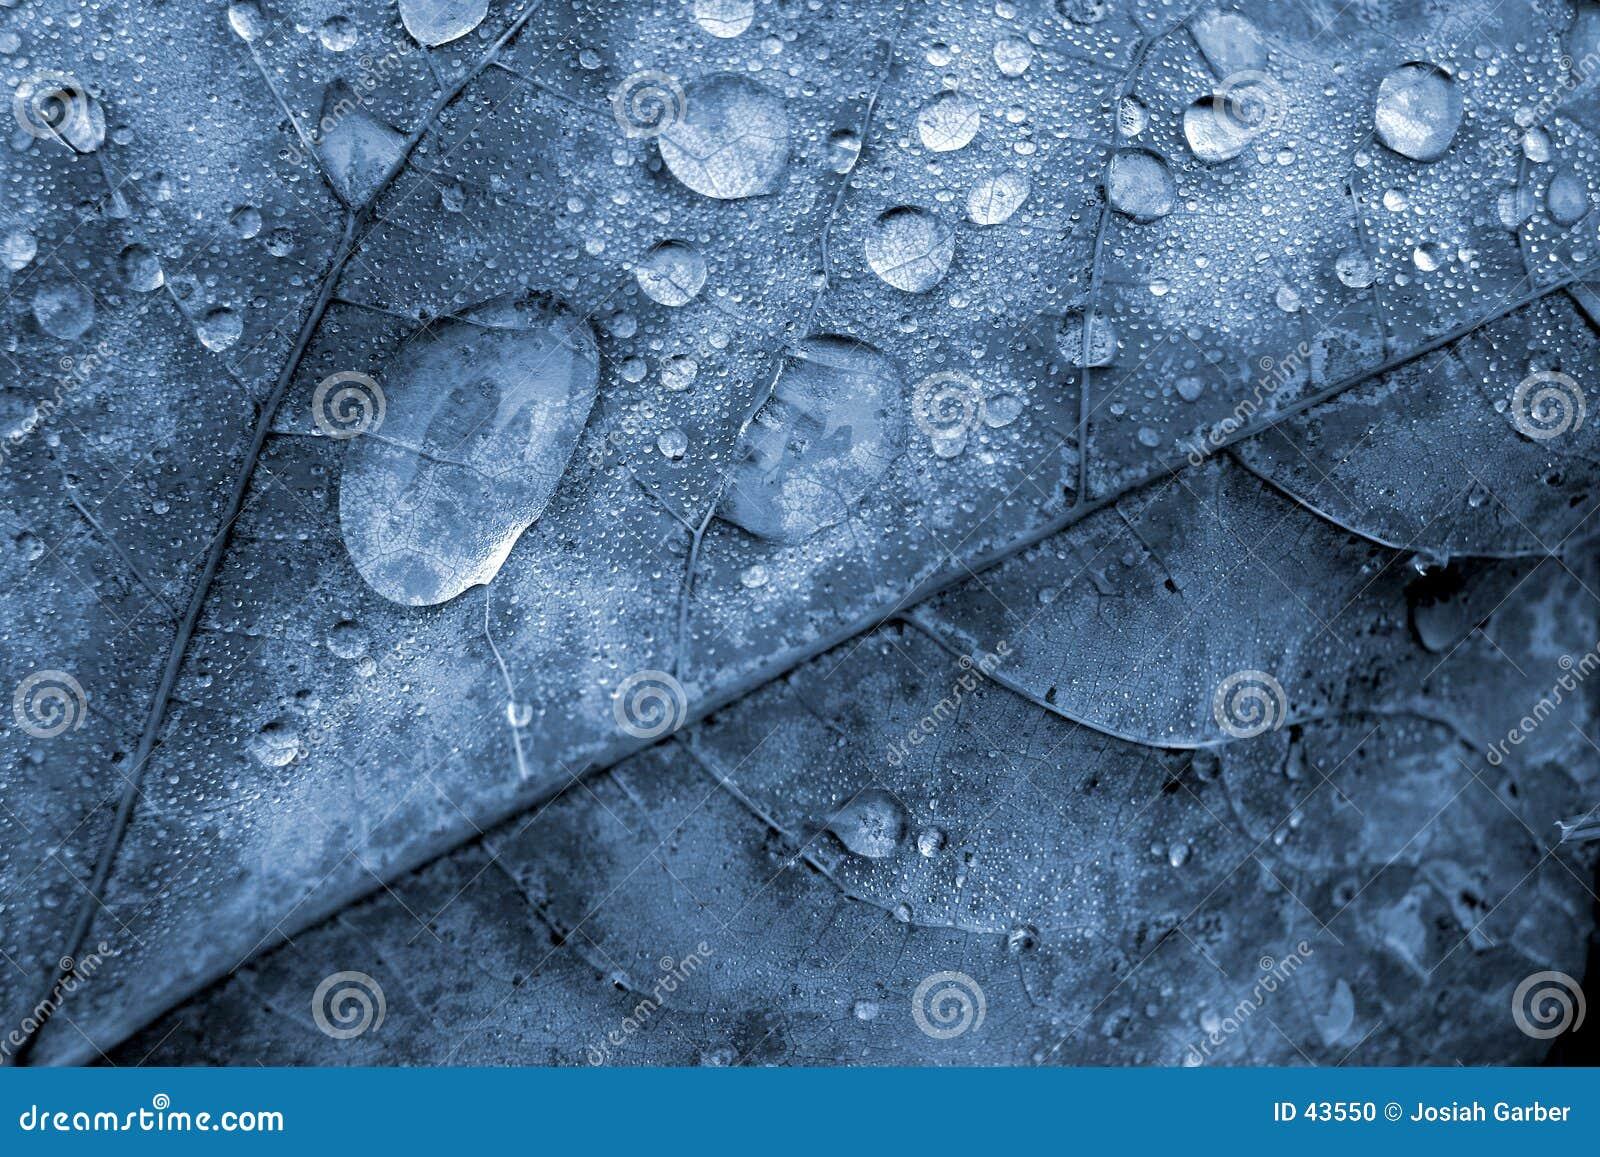 Blatt-Detail mit Wasser-Tröpfchen